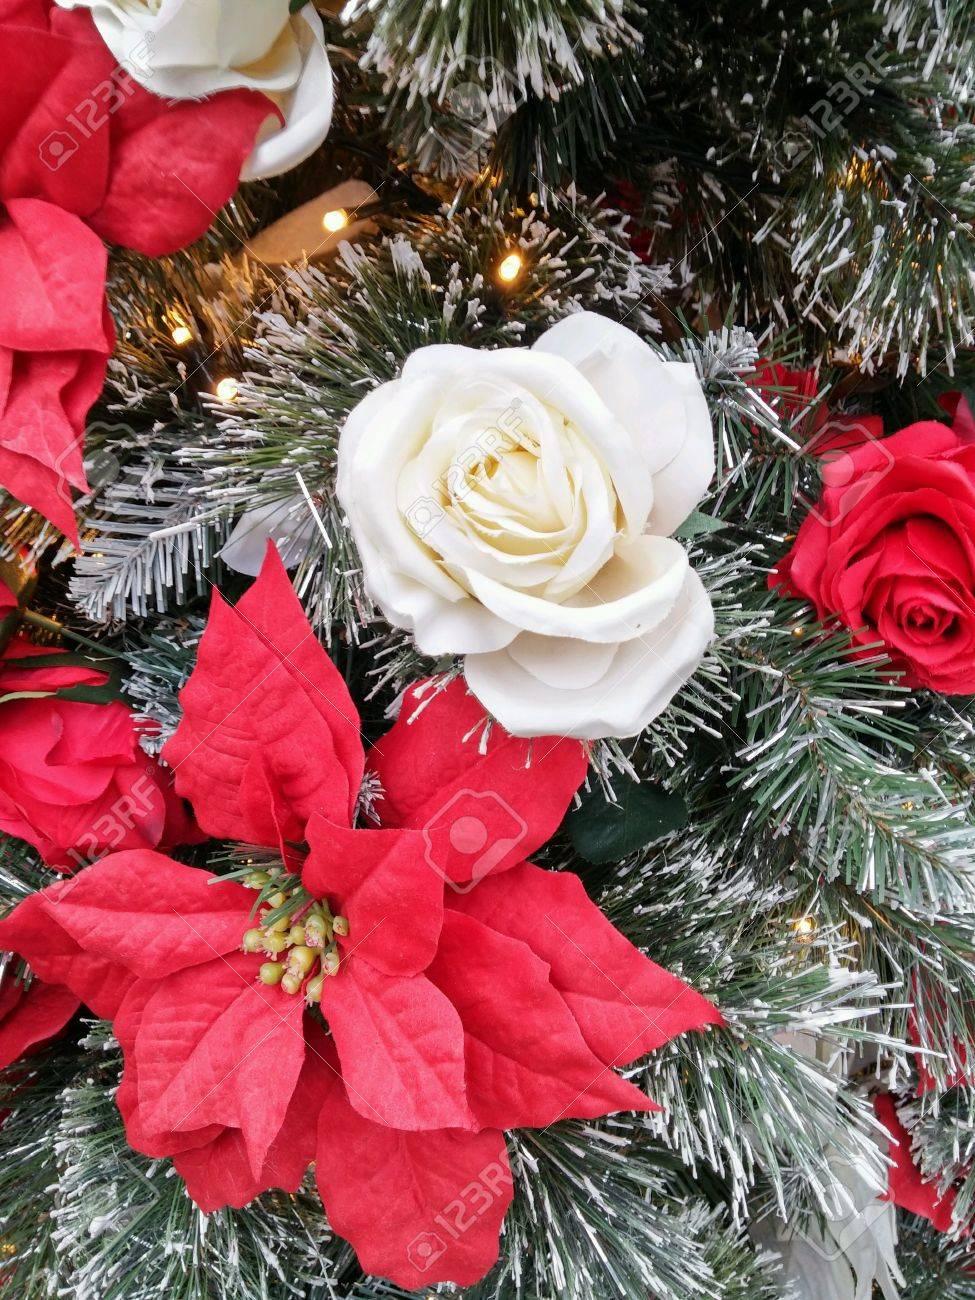 Weiße Rose Und Weihnachten Blume Mit Schnee Lizenzfreie Fotos ...